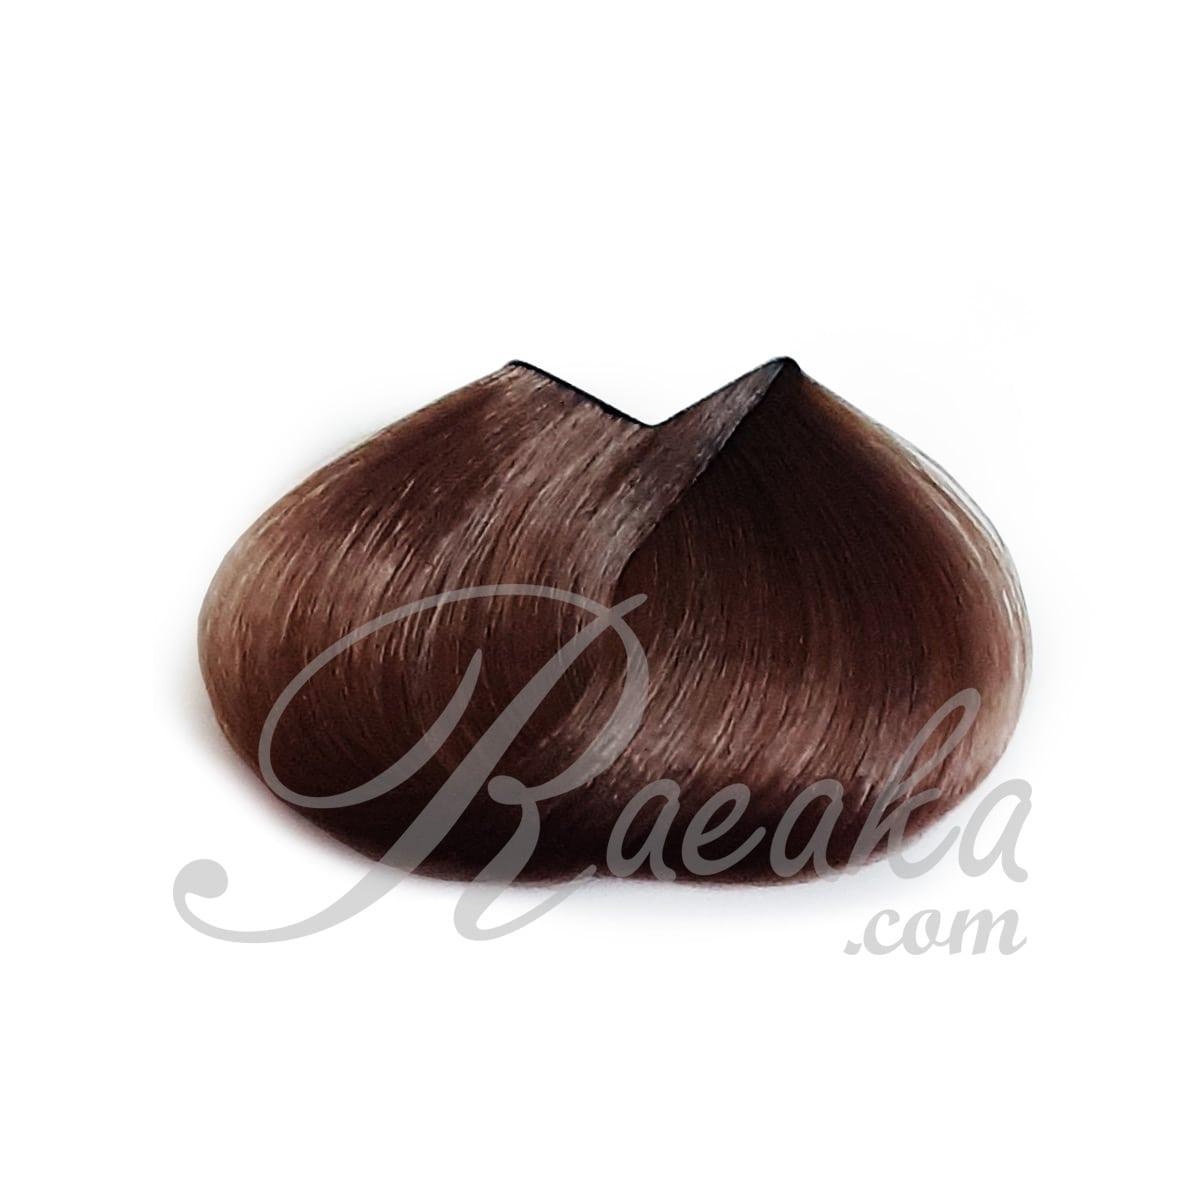 کیت رنگ موی زی فام شماره ۶٫۲۳ (بلوند تیره شکلاتی) با محافظت سه گانه